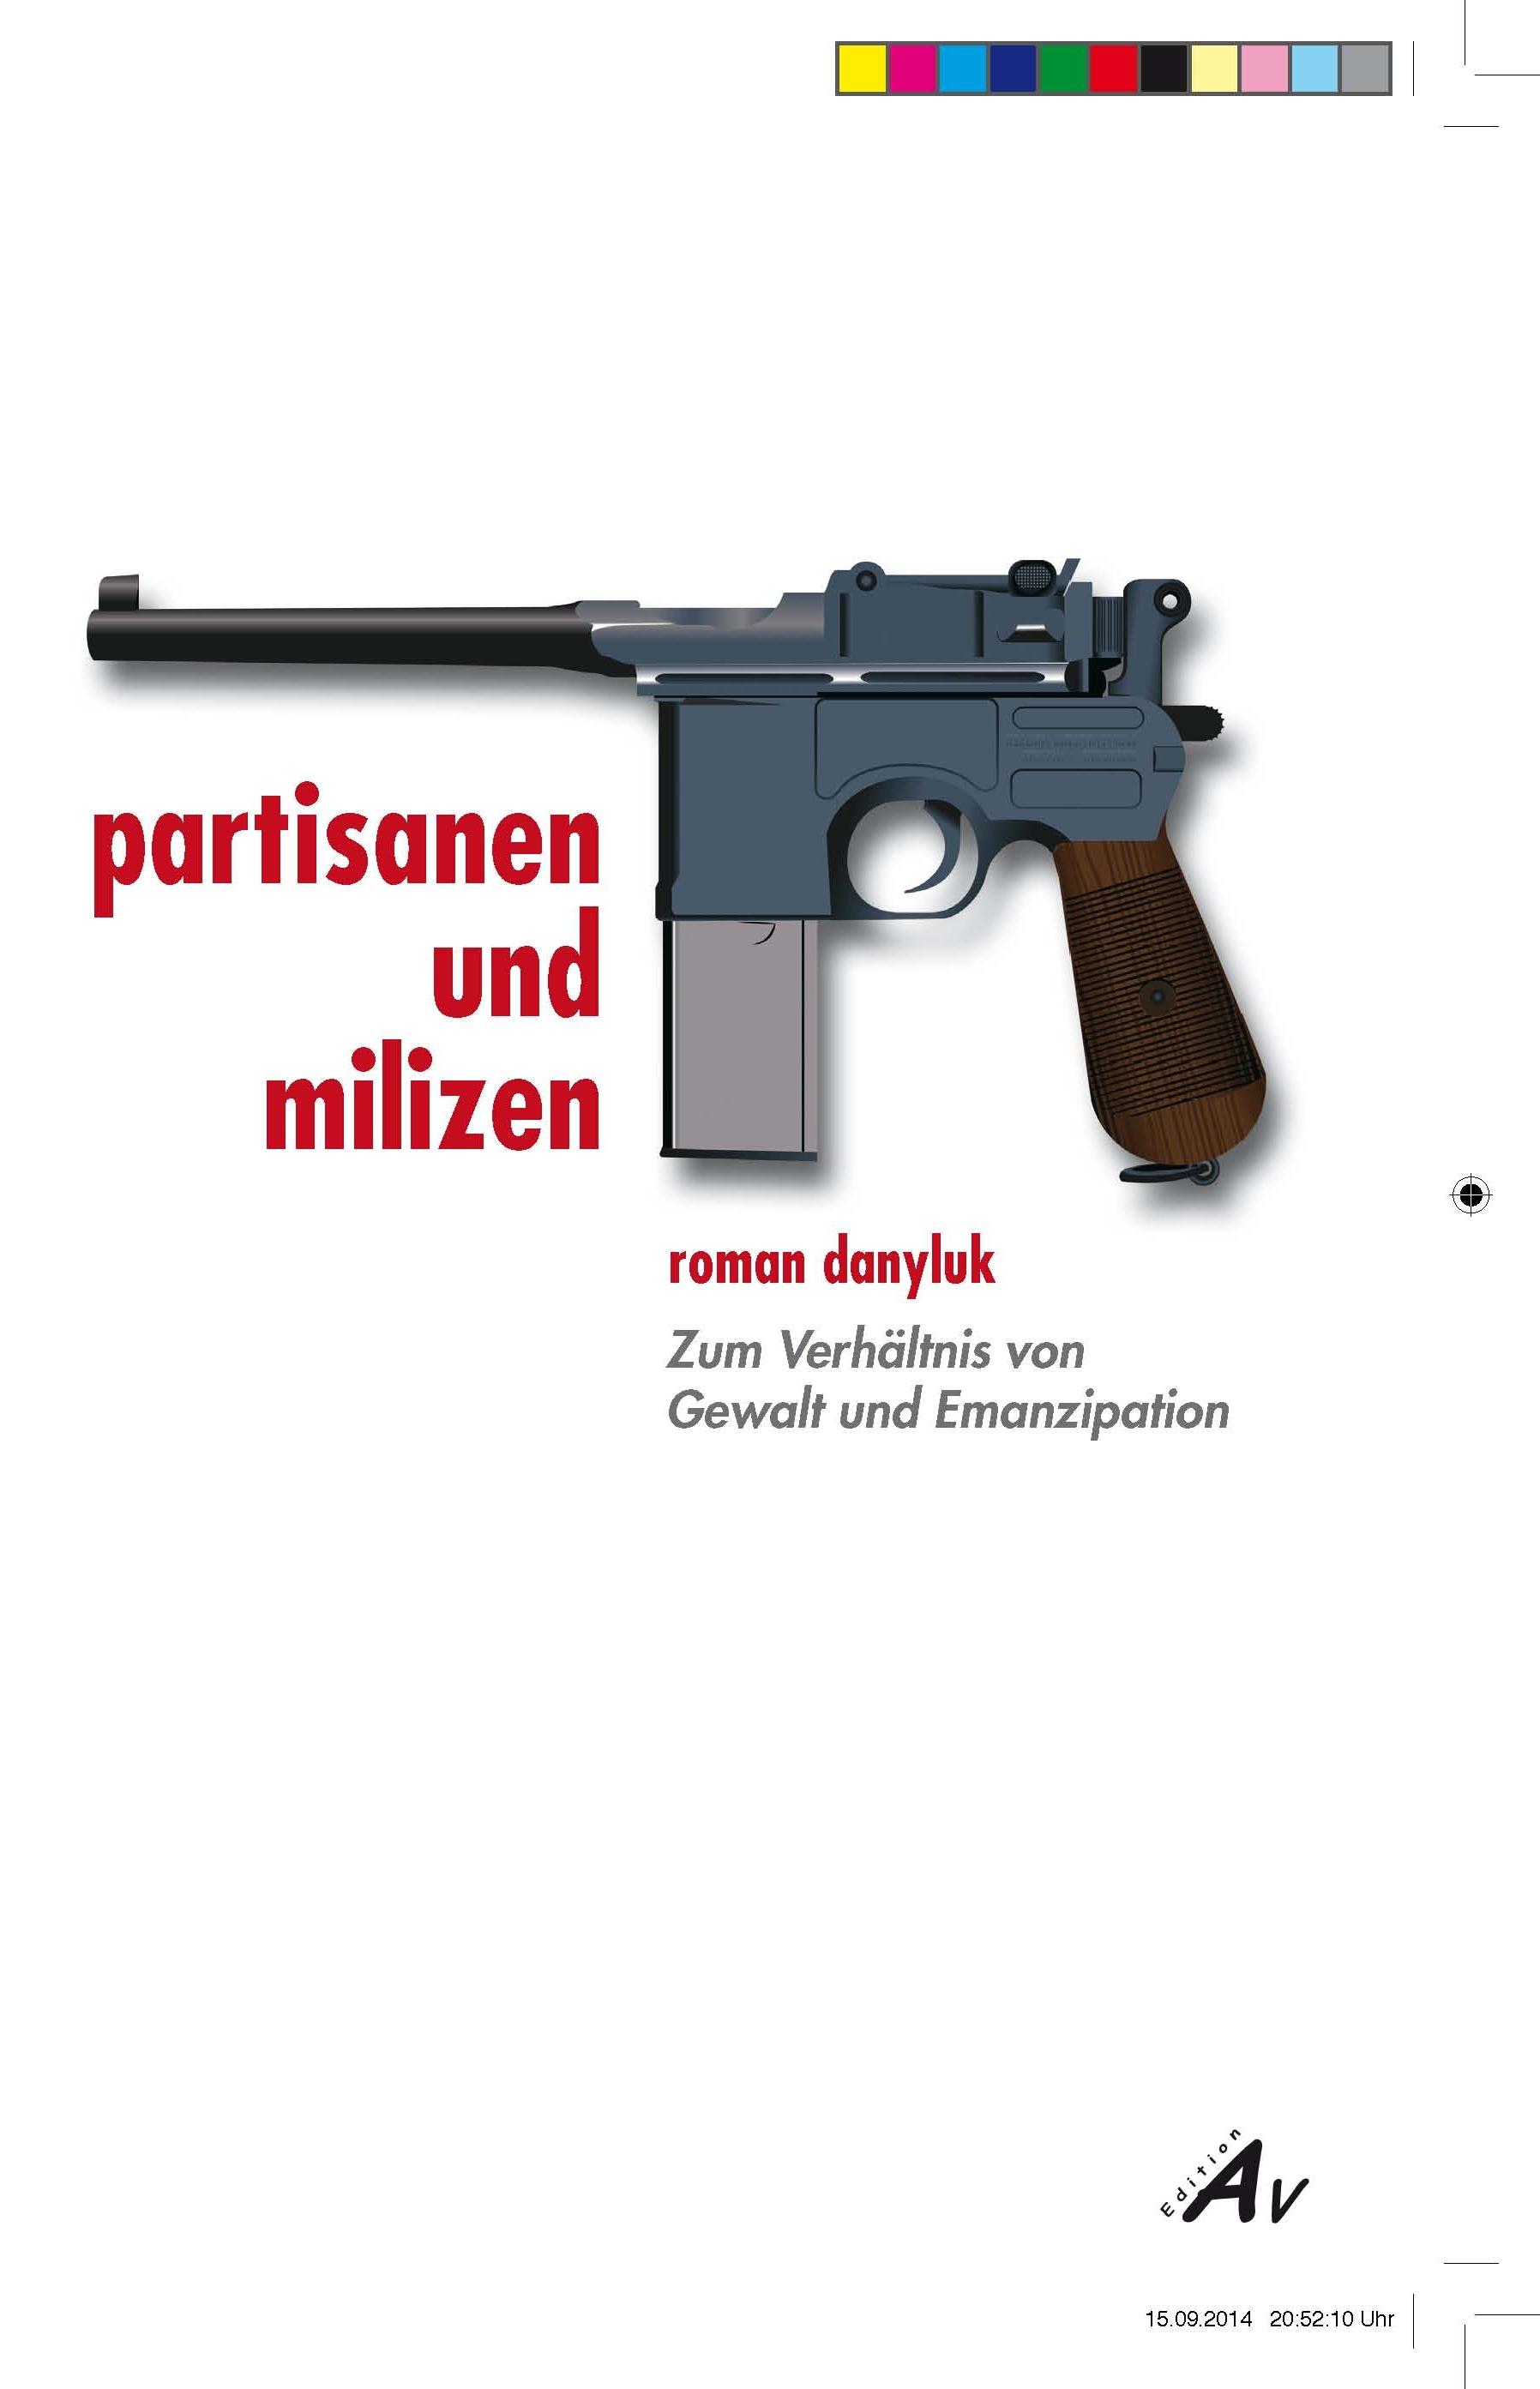 Partisanen und Milizen | Roman Danyluk |  9783868411003